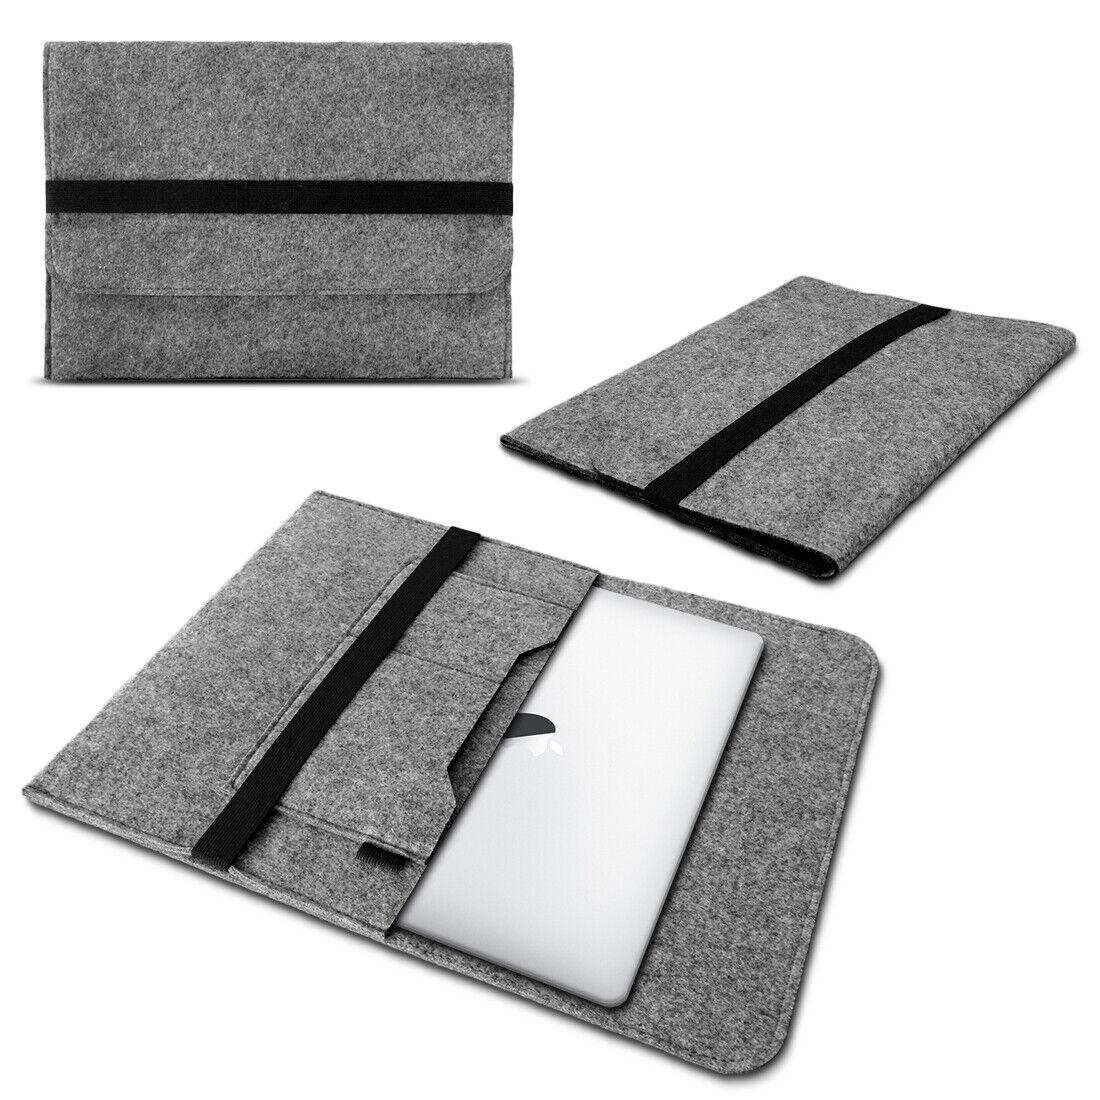 Notebooktasche Laptop Tasche Netbook Sleeve Hülle Filz 17 - 17.3 Zoll Macbook